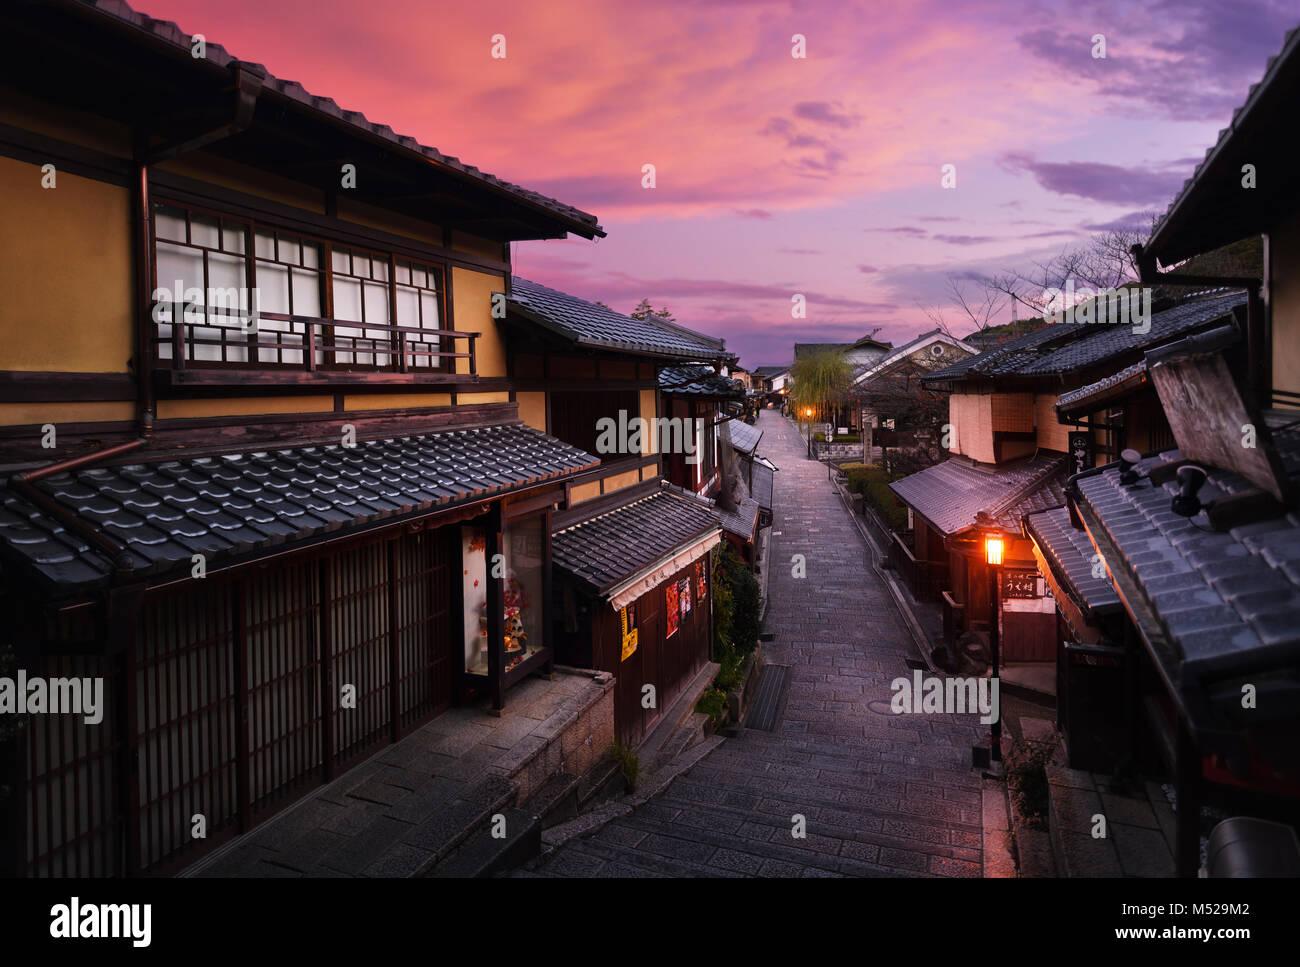 Schönen Sonnenaufgang Landschaft von Yasaka Dori historische Straße in Kyoto leer und ruhig am frühen Stockbild